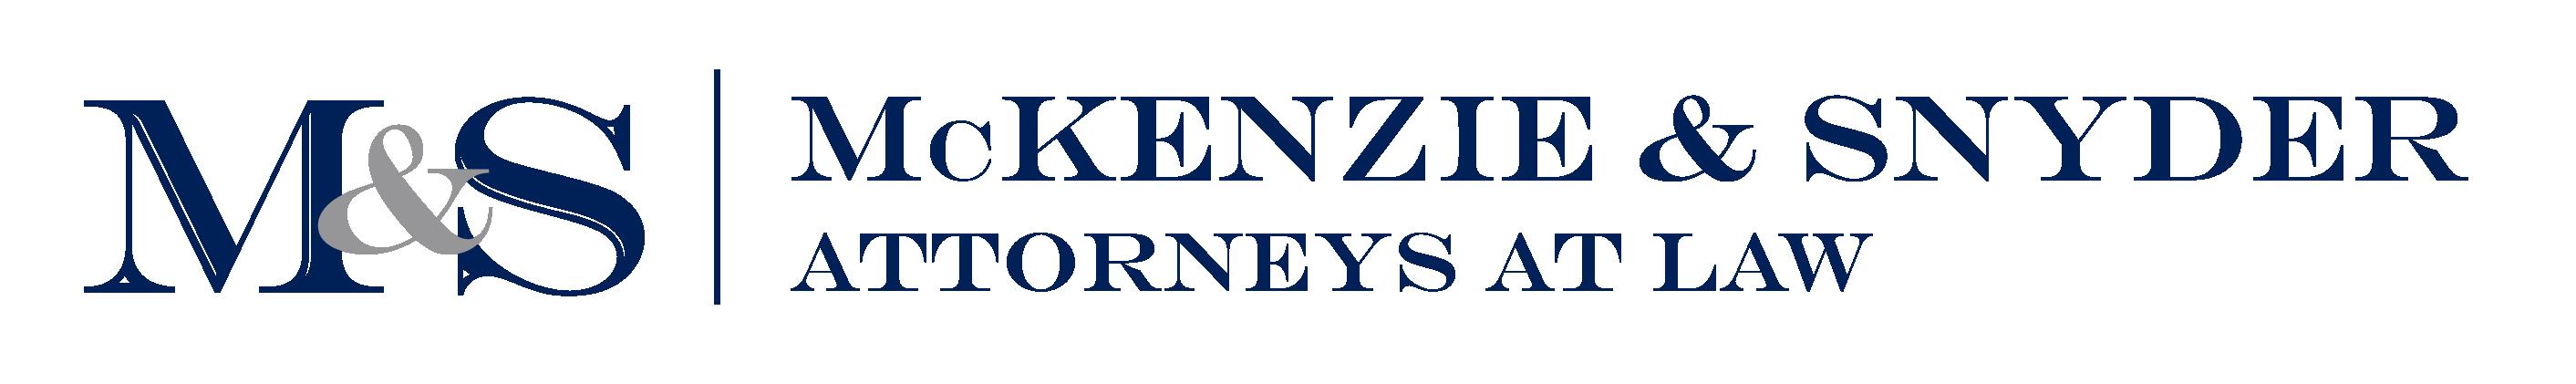 Mckenzie & Snyder LLP Logo